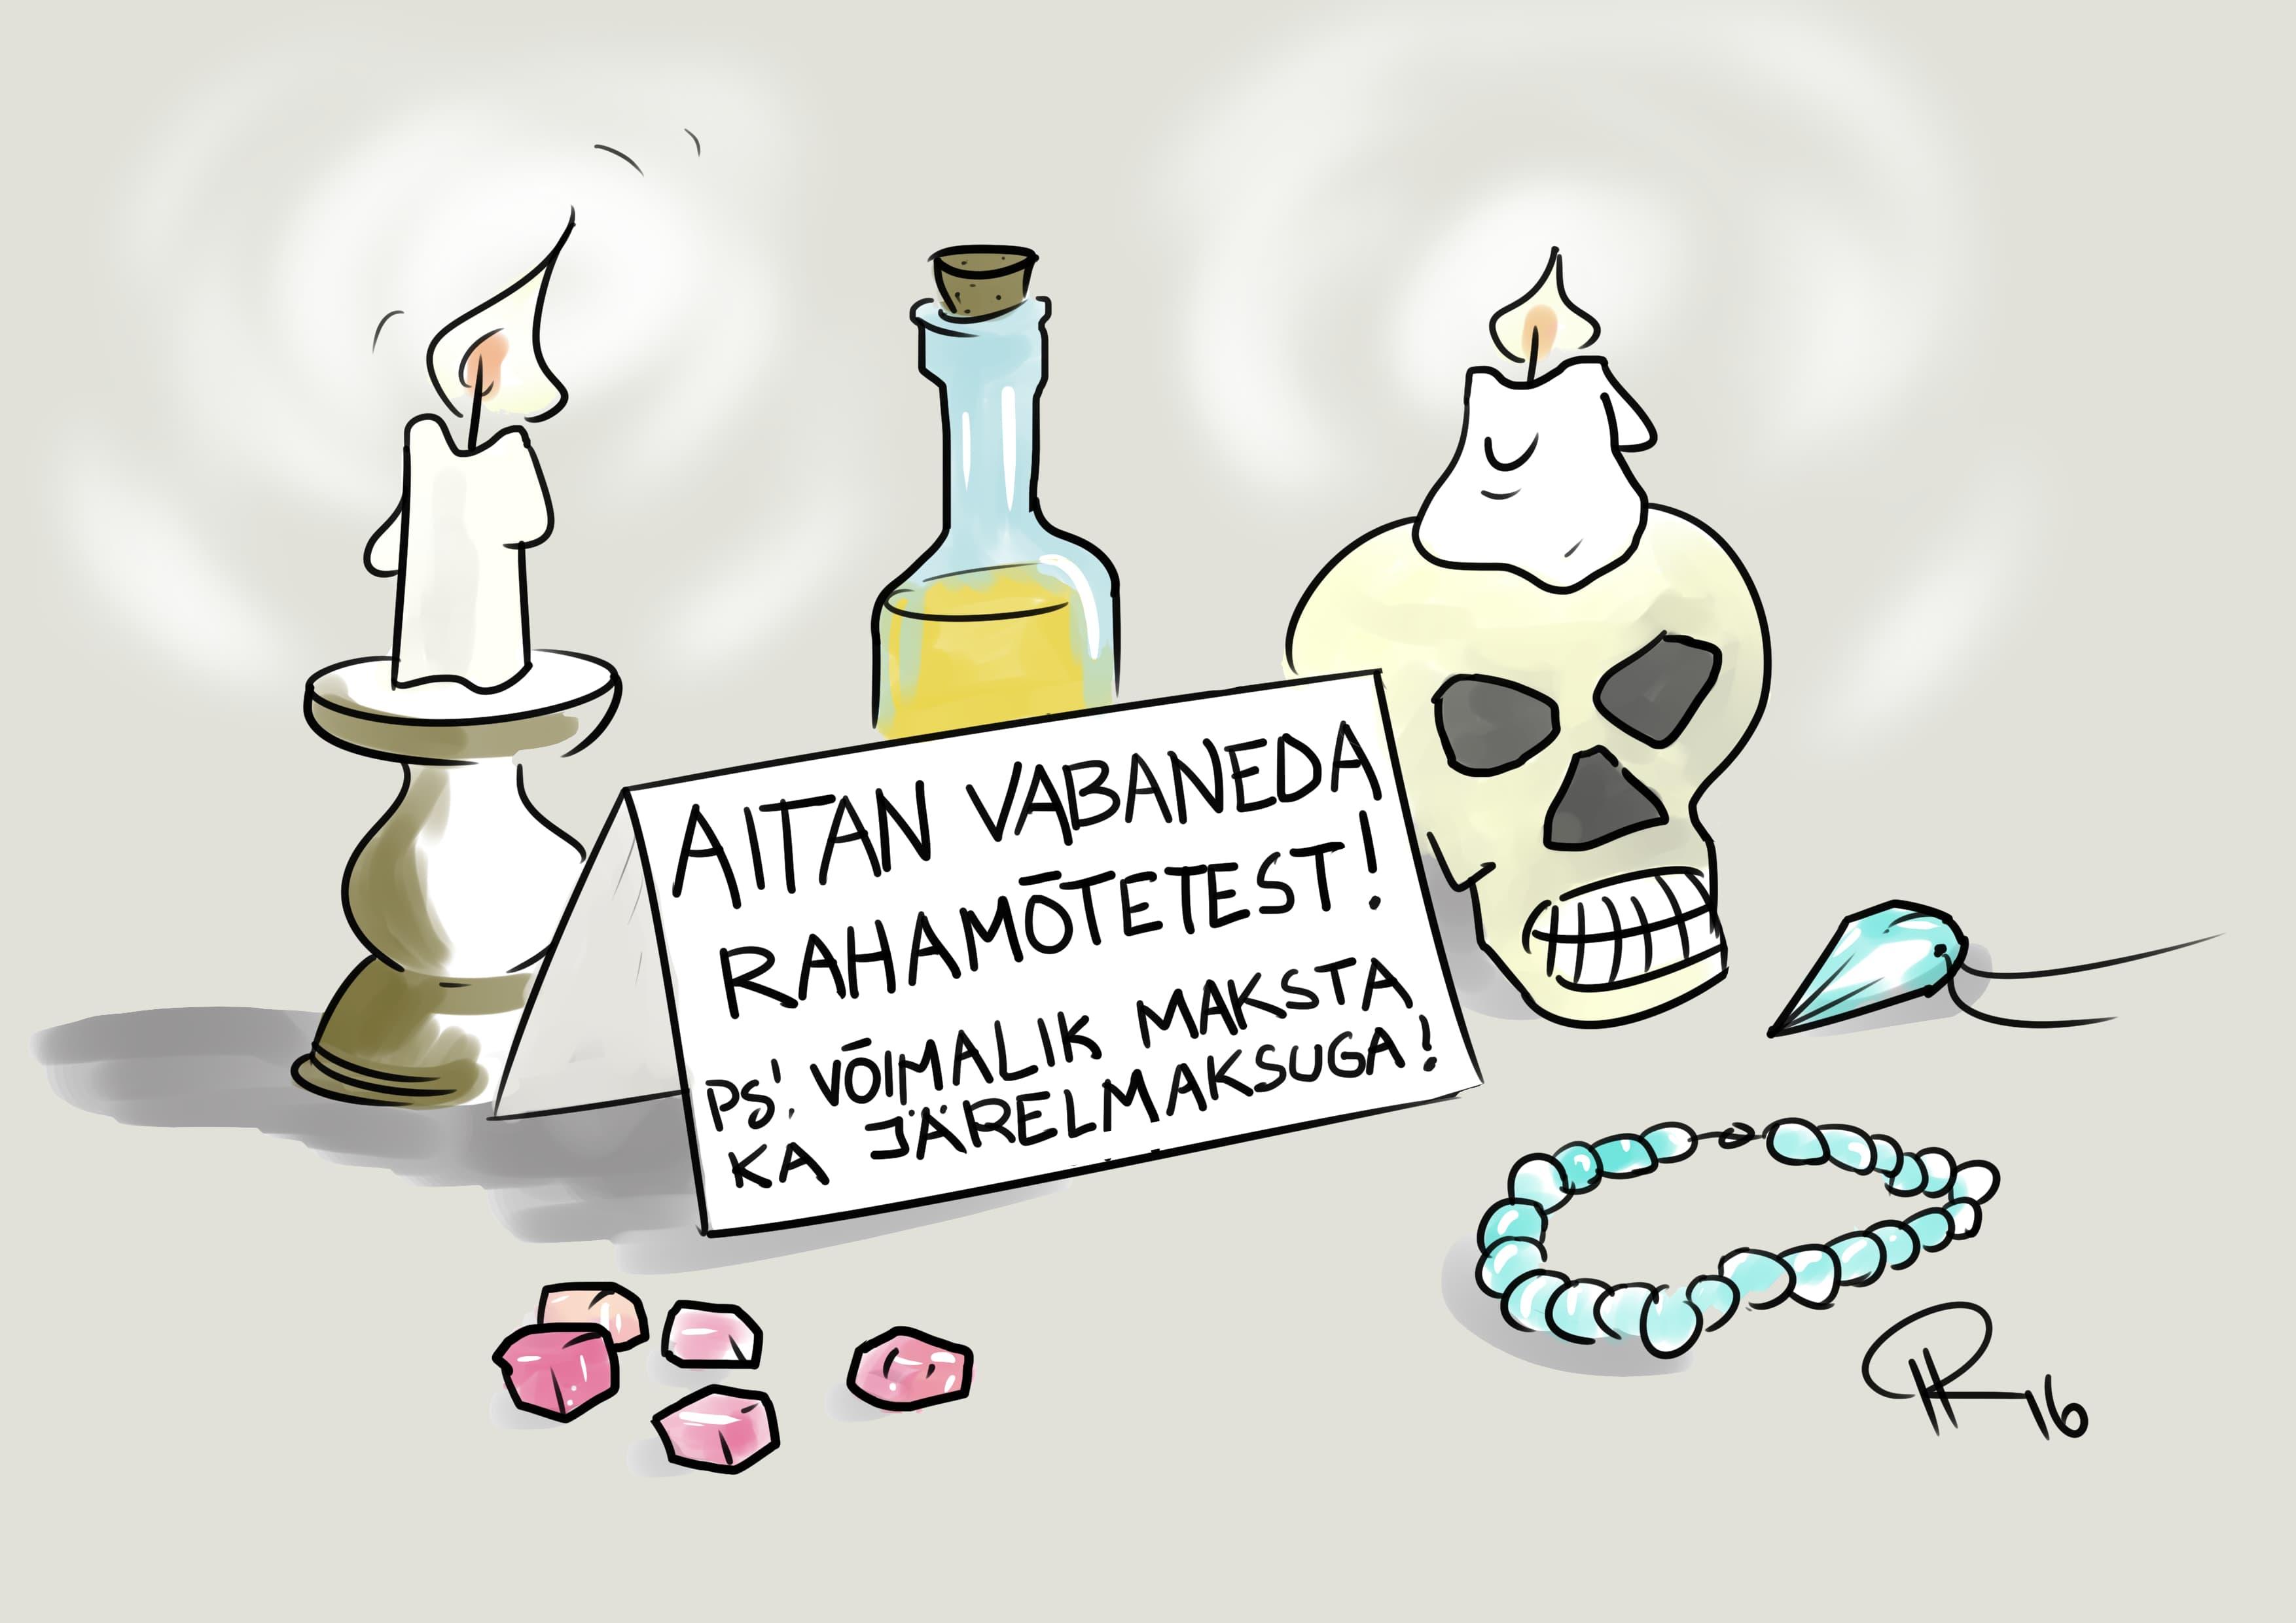 Karikatuur: Priit Koppel